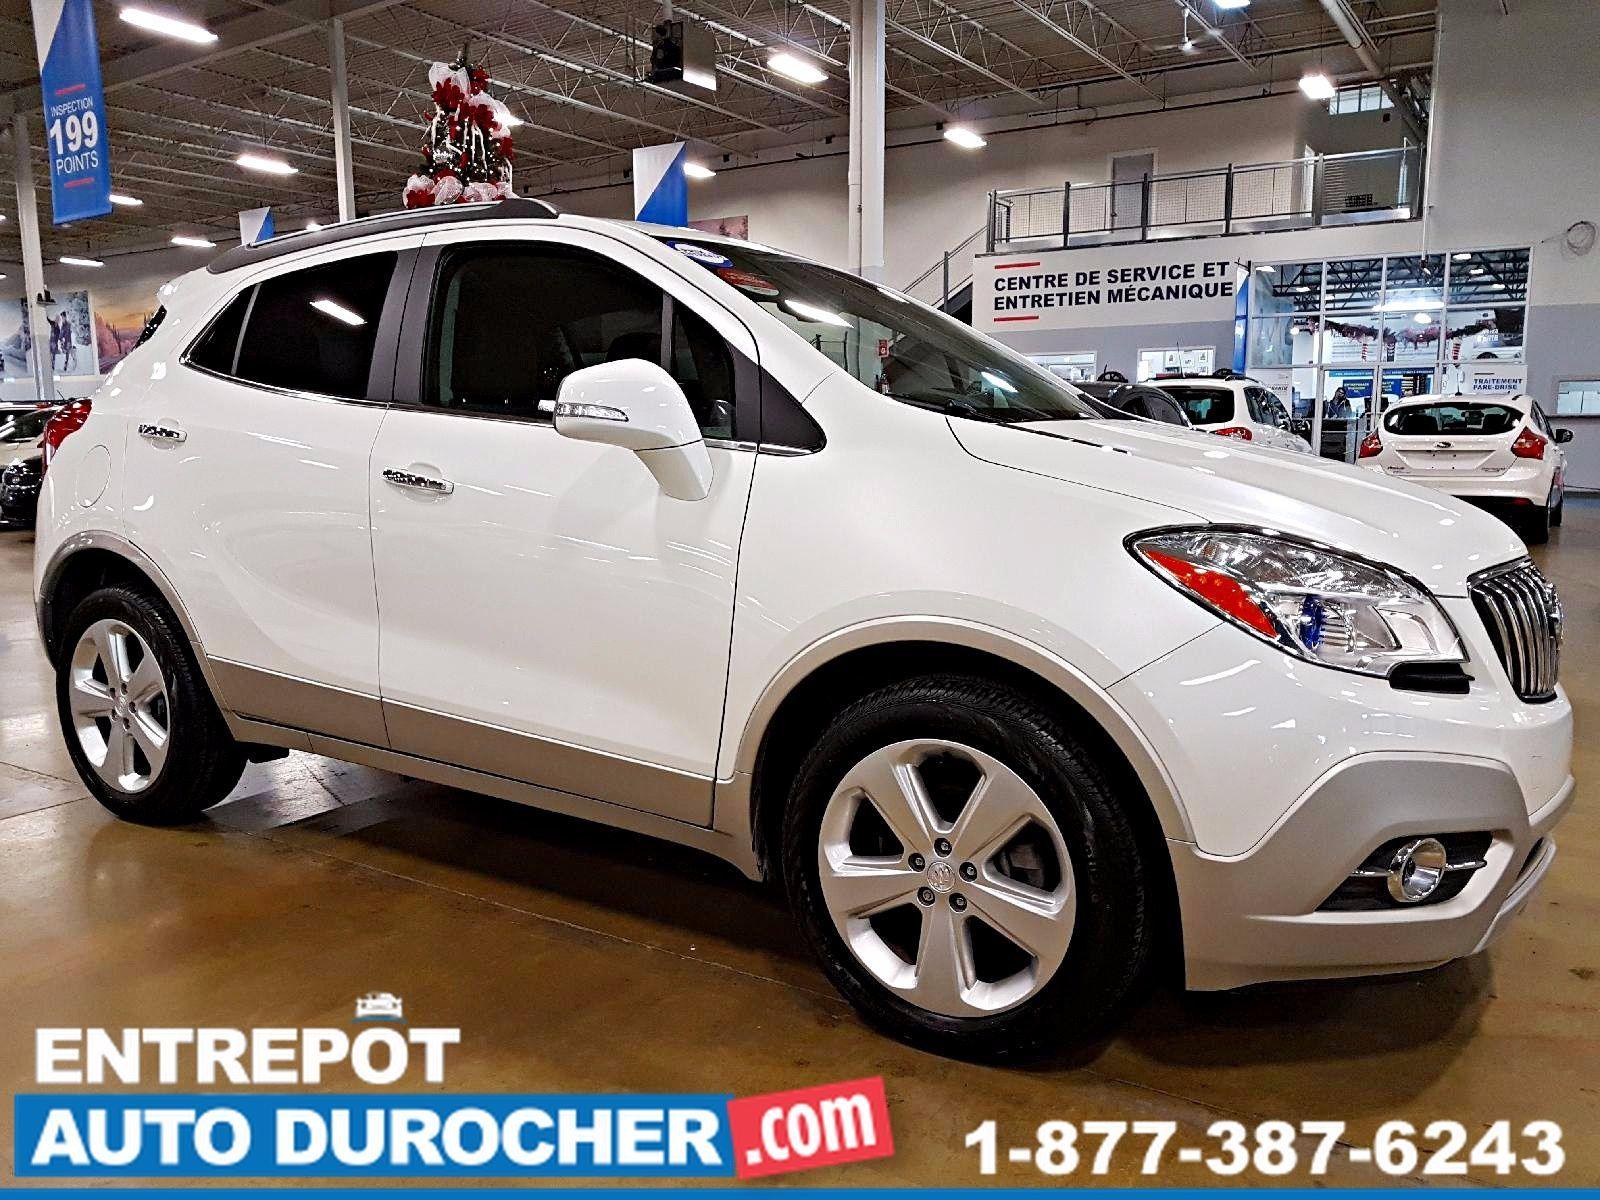 2015 Buick Encore AUTOMATIQUE - CUIR - AIR CLIMATISÉ